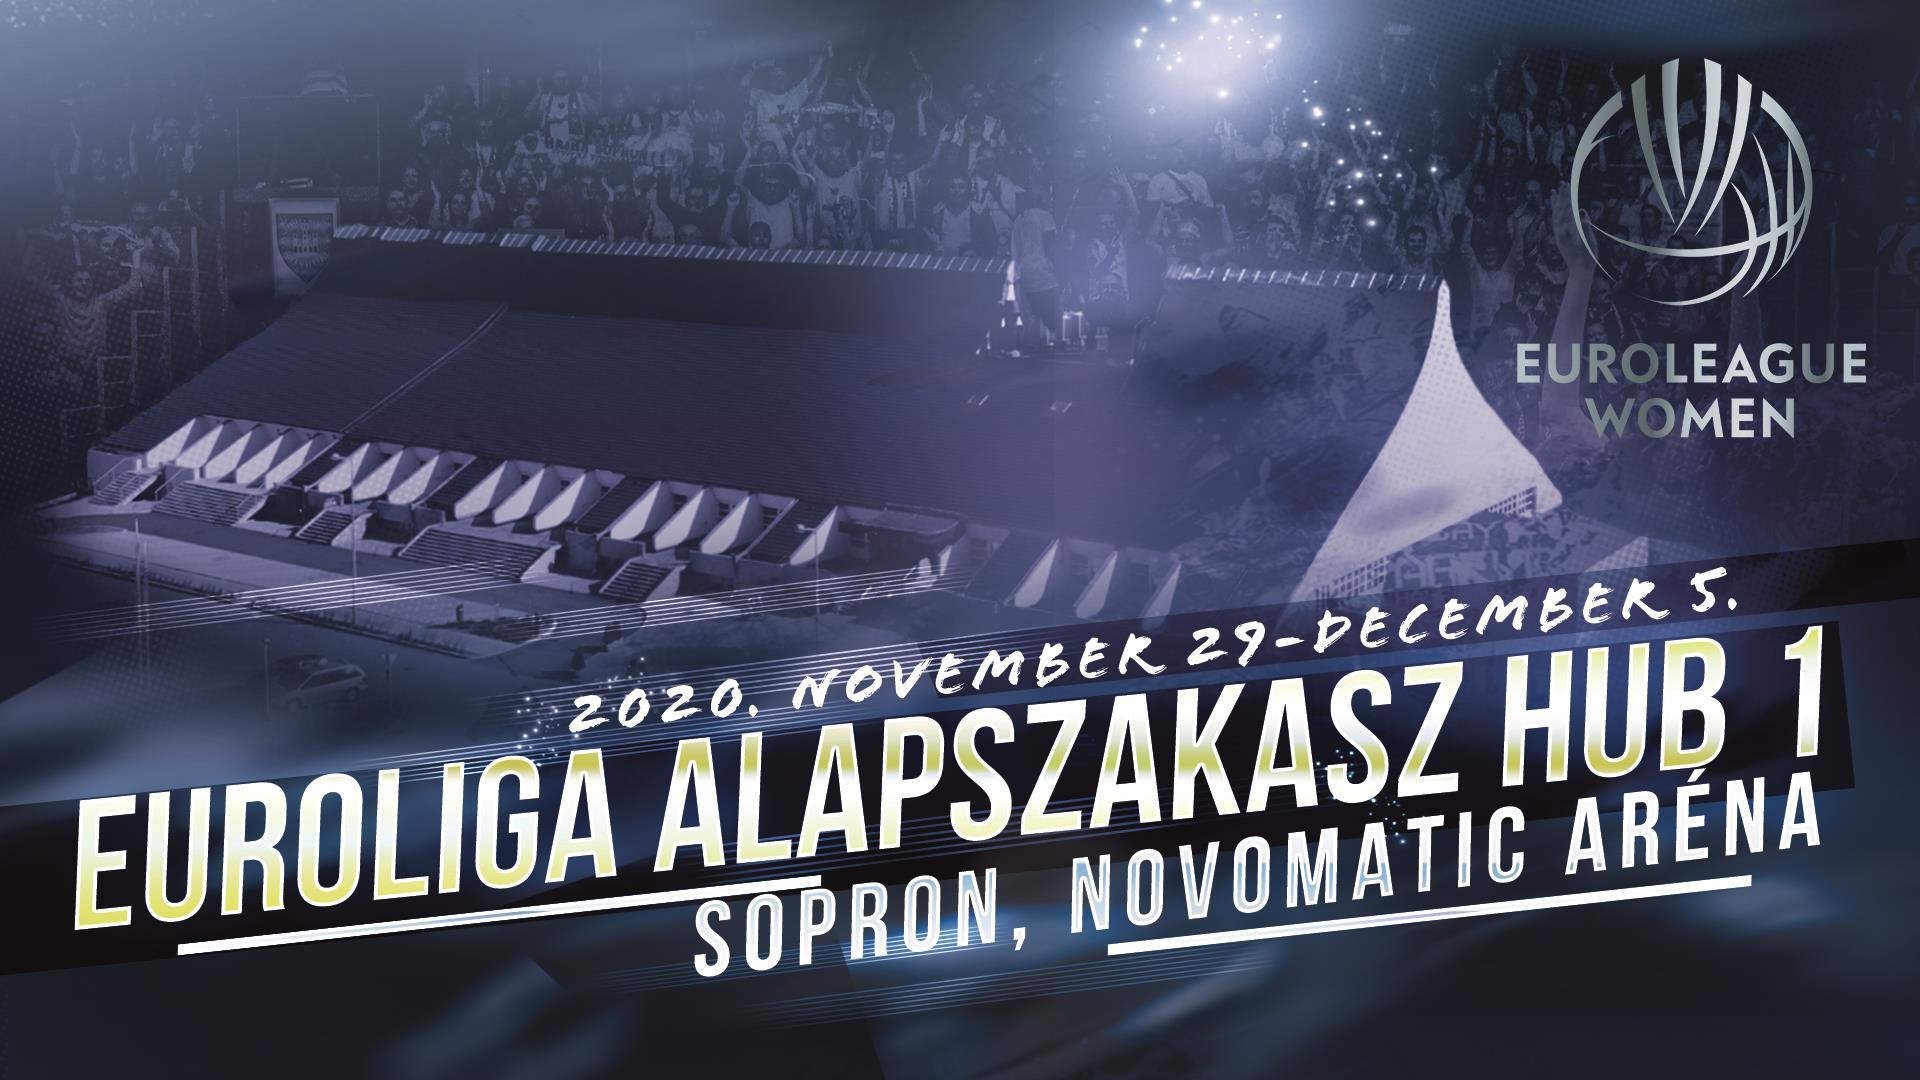 Online sajtótájékoztatót tartottak a soproni Euroliga-buborékról